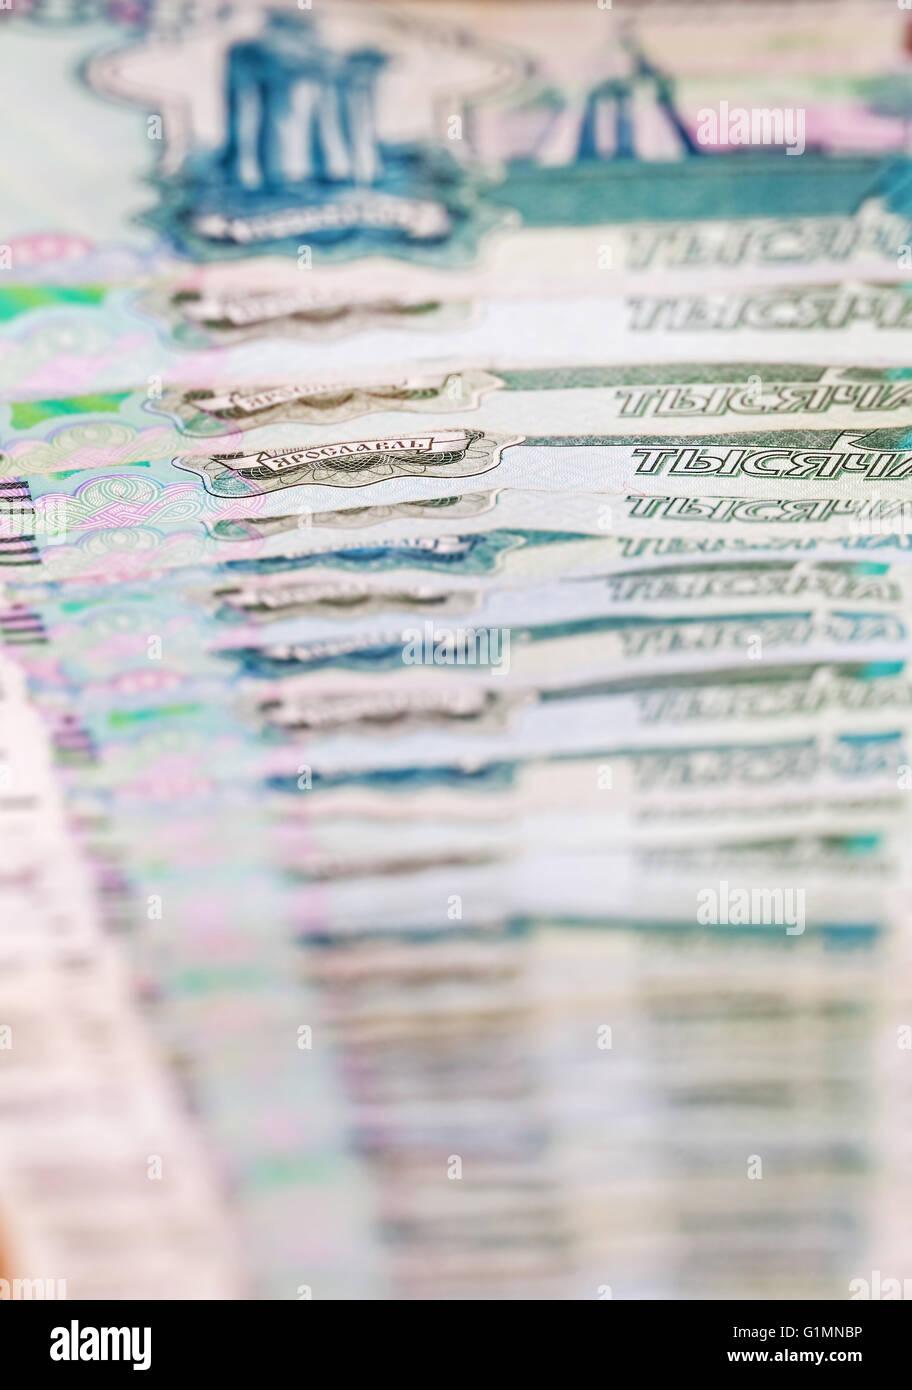 Immagine in metafore di caduta il rublo in millesimi fatture Immagini Stock